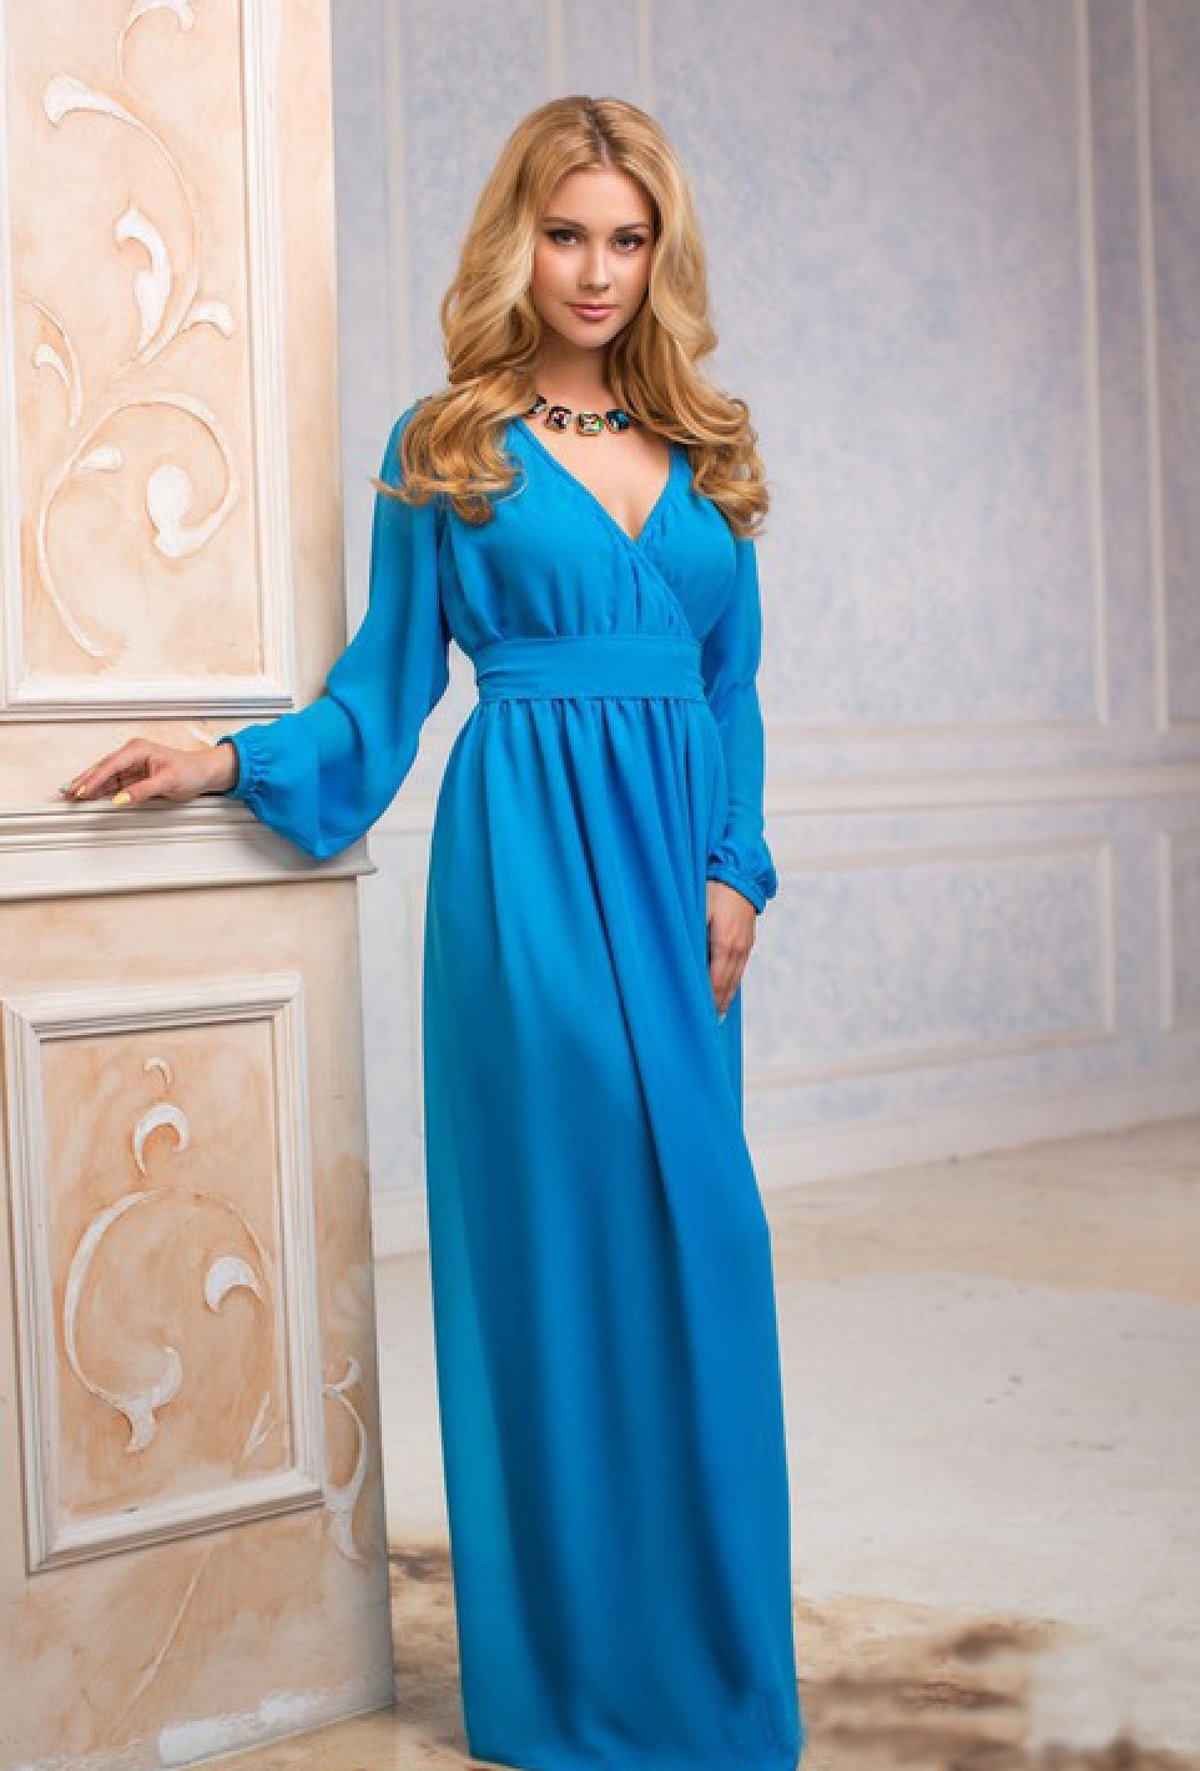 платье в пол с рукавами голубое фото яссах очень много